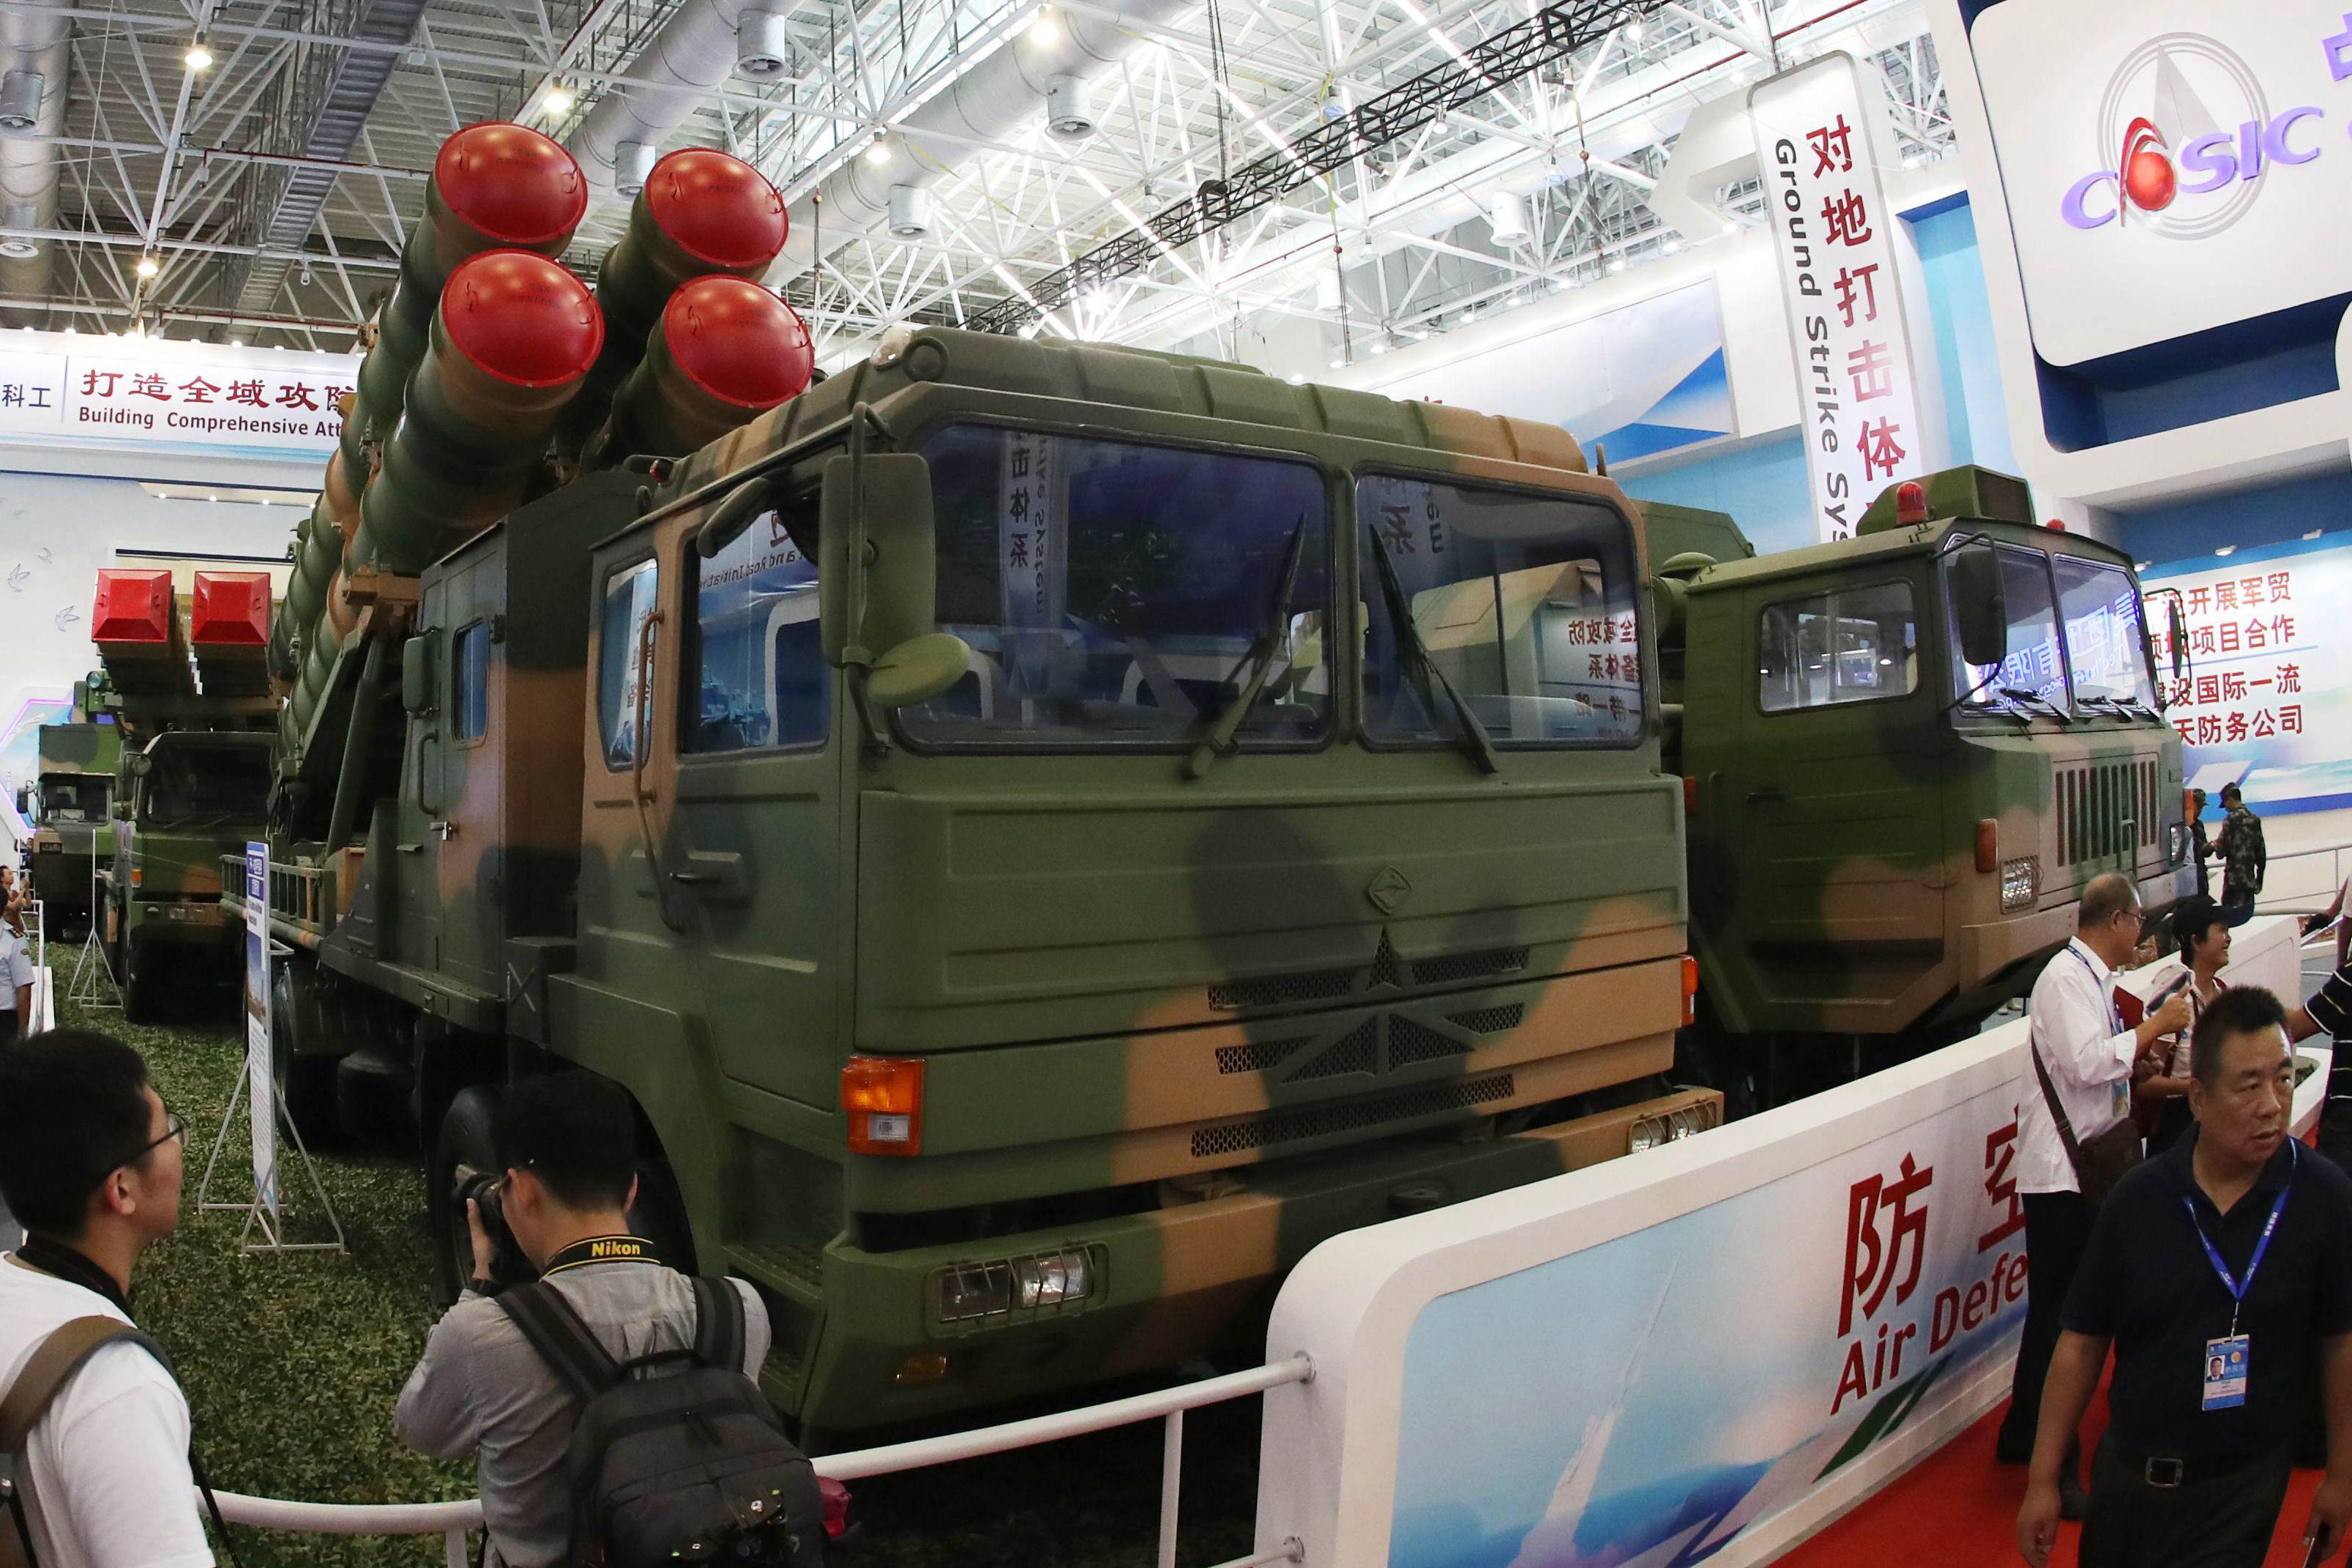 FK-3地空导弹武器系统_副本_副本.jpg